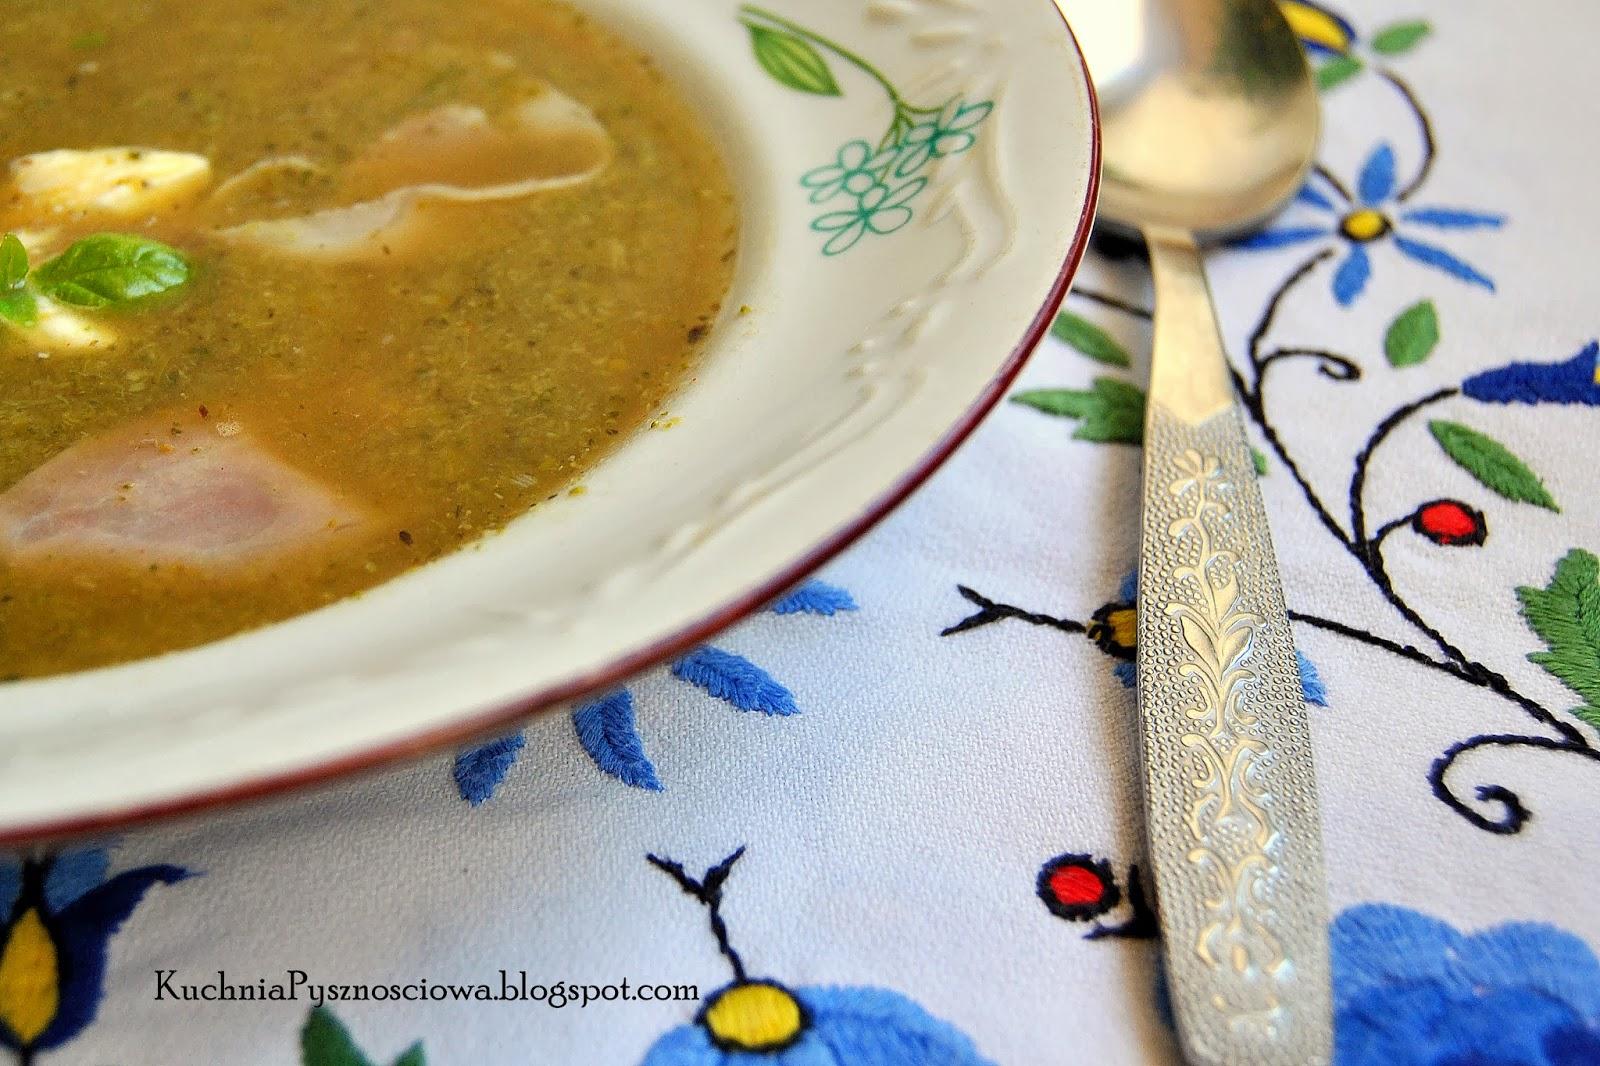 198. Zupa krem z brokułów z szynką parmeńską